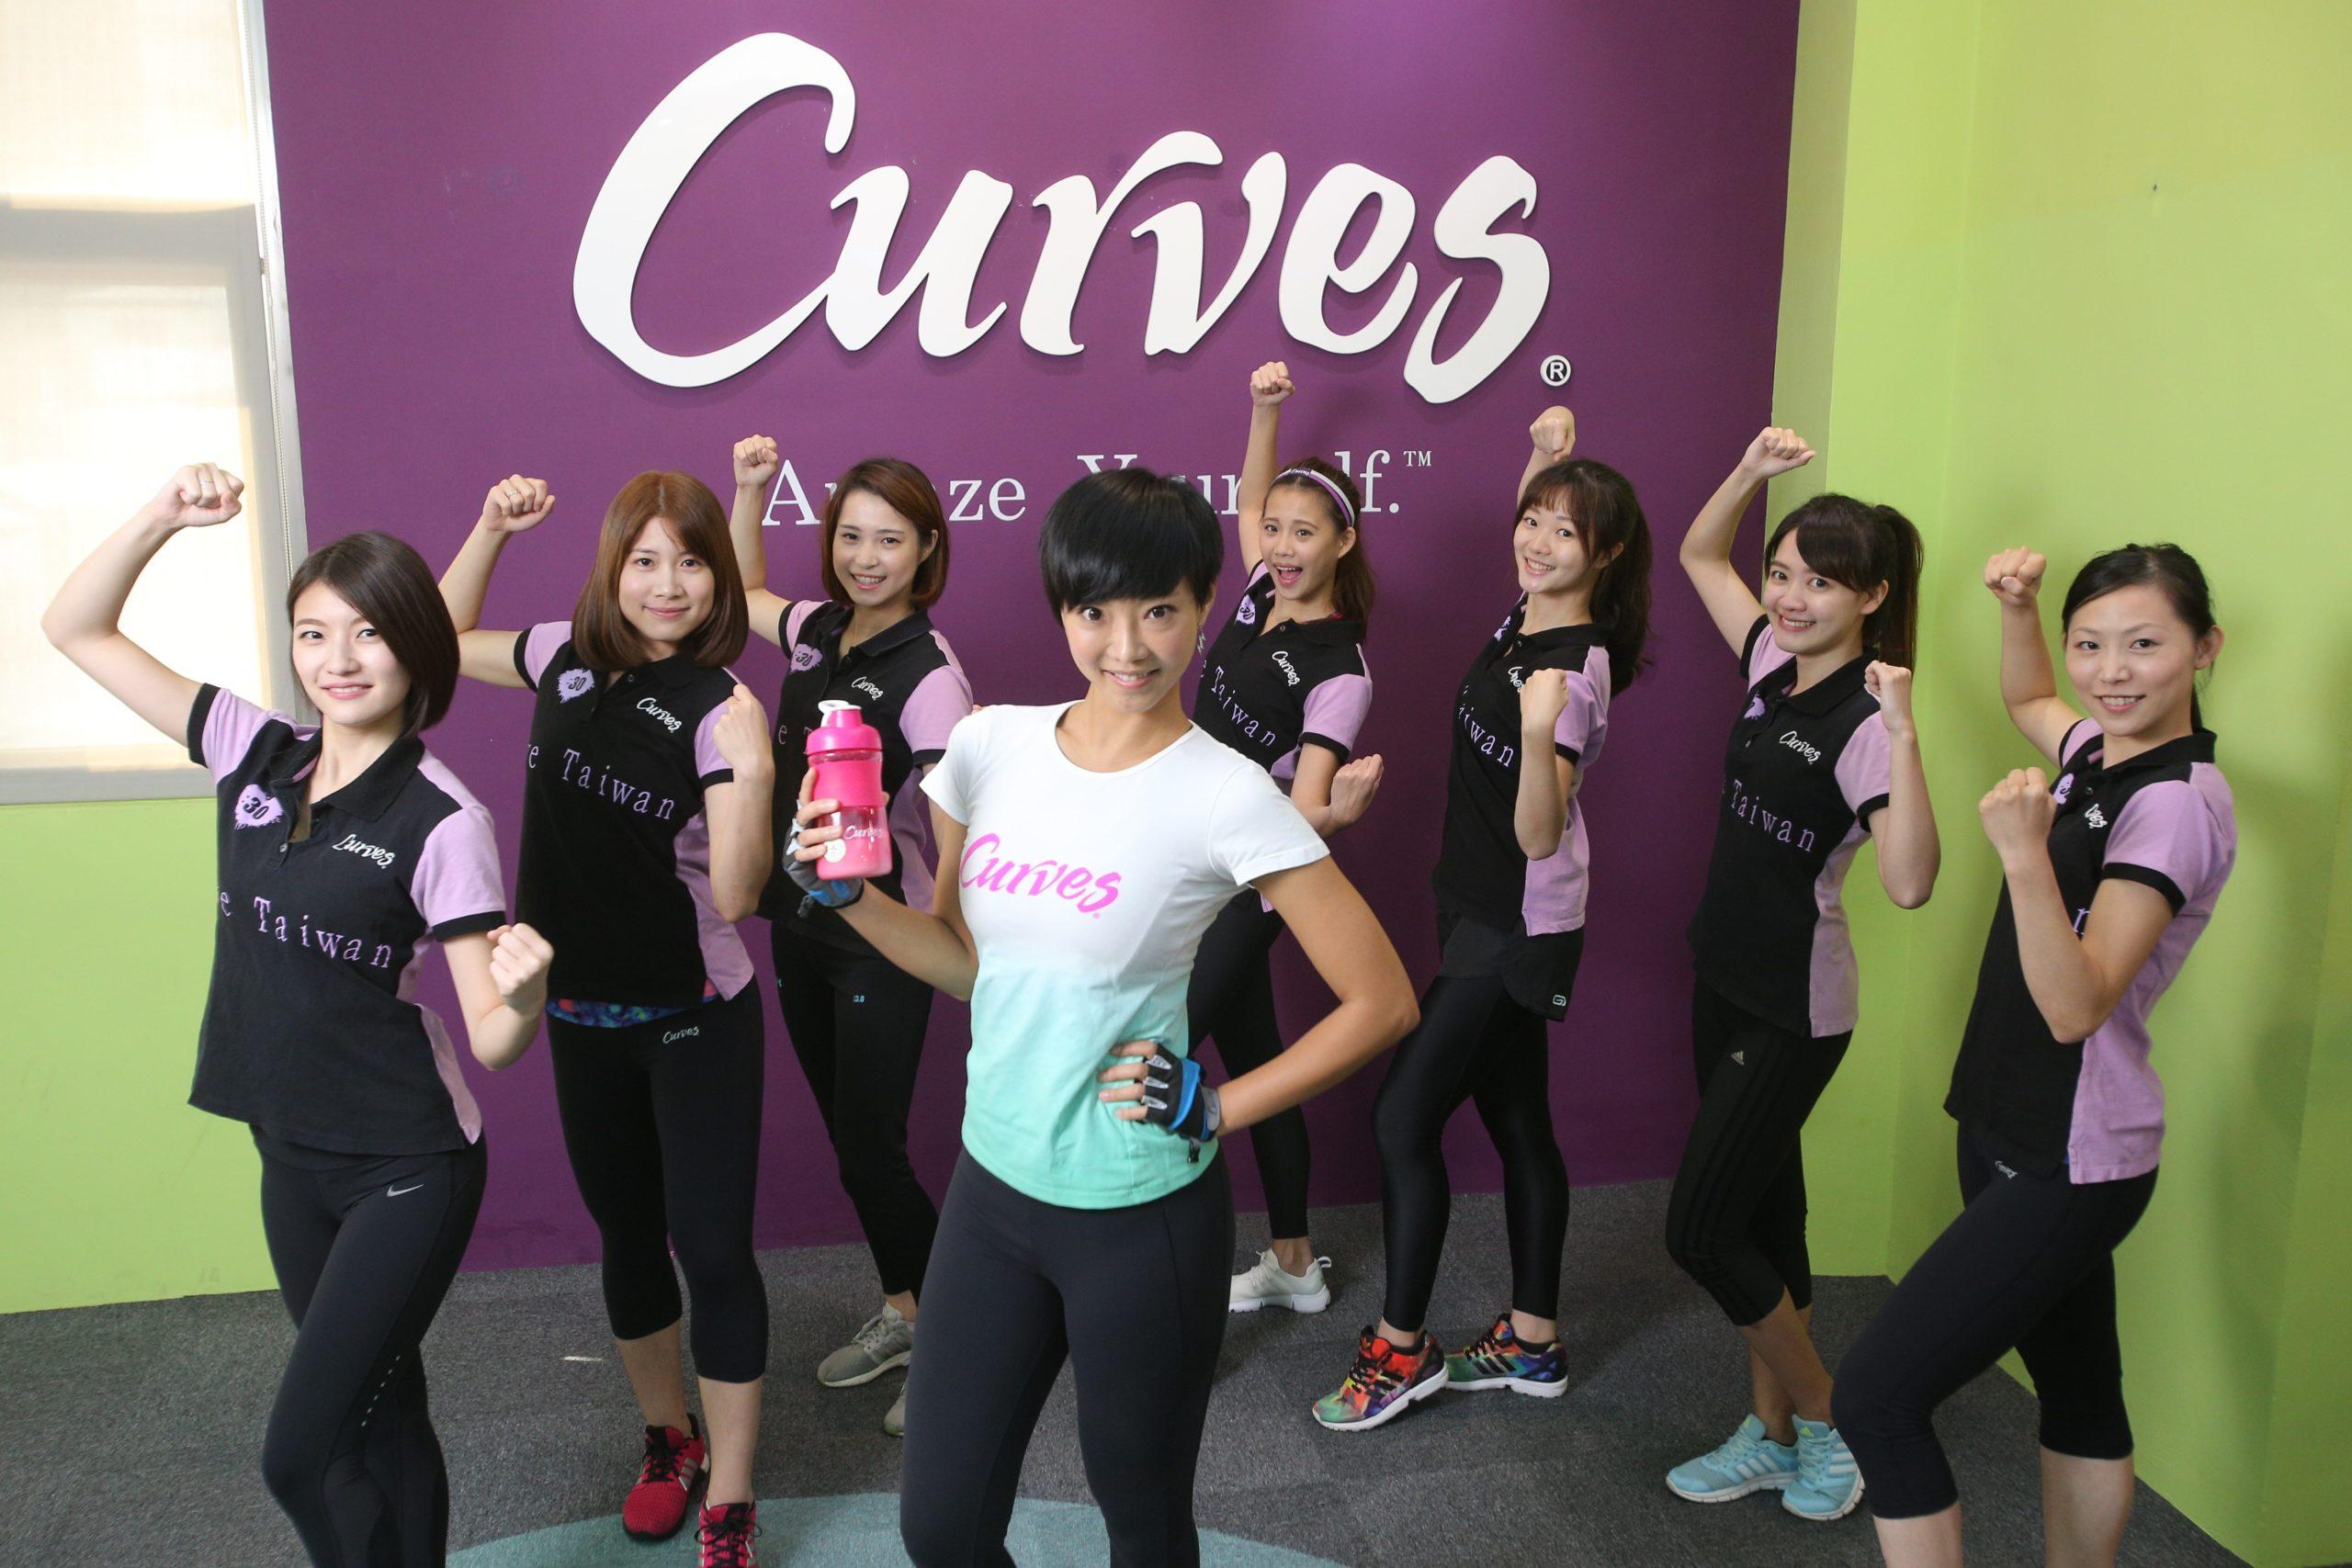 Curves可爾姿女性專屬健身房,塑身,減 脂,減肥,女性 健身,運動 減肥,健身房,體態 雕塑,增強 體力